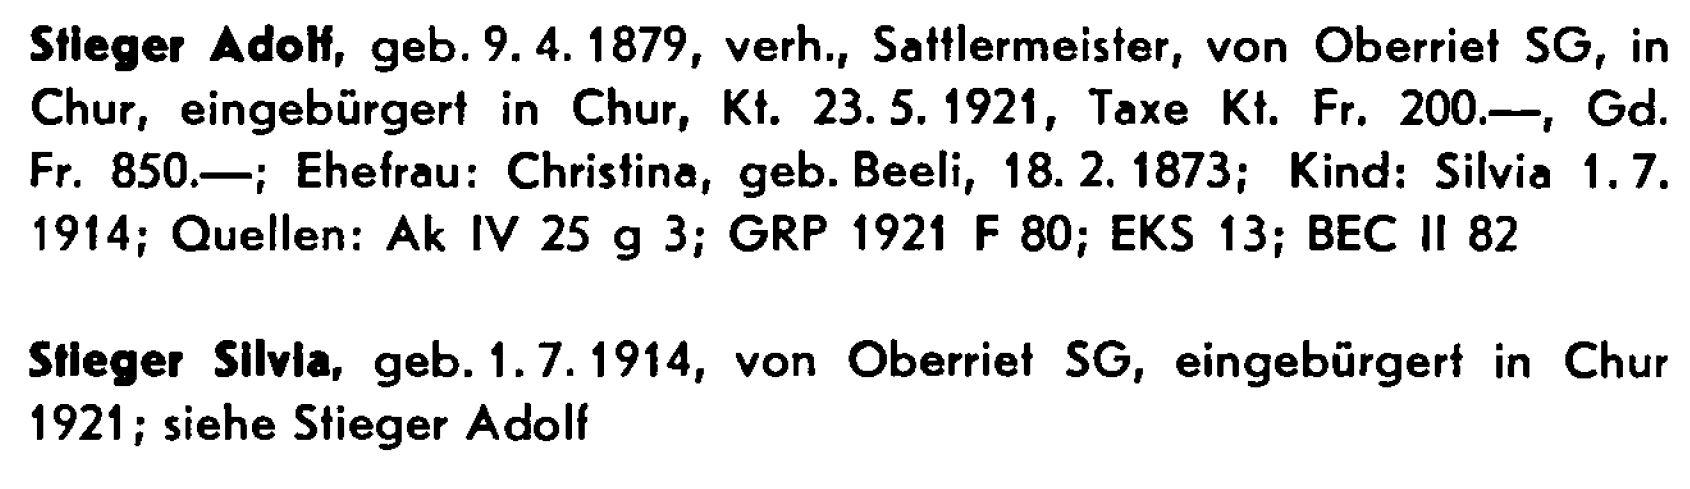 Adolf Stieger 1879-1921